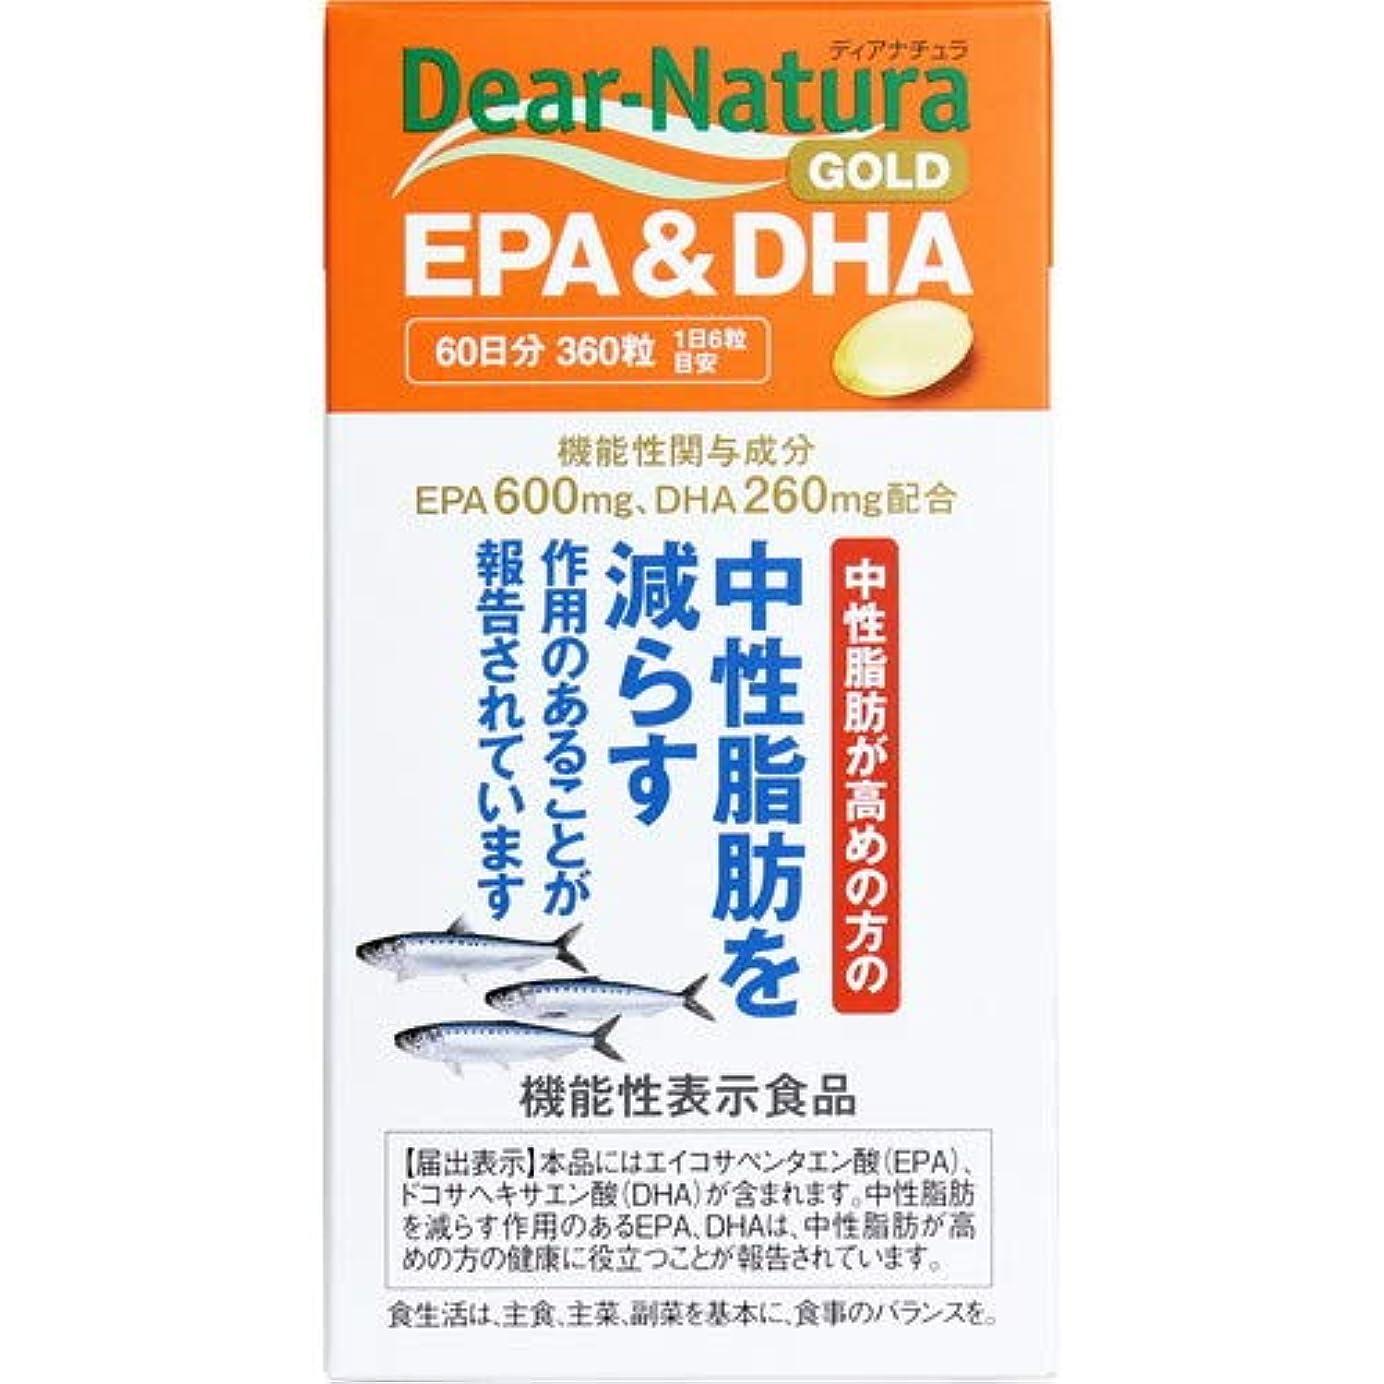 面倒近所の命題ディアナチュラゴールド EPA&DHA 60日分 360粒入